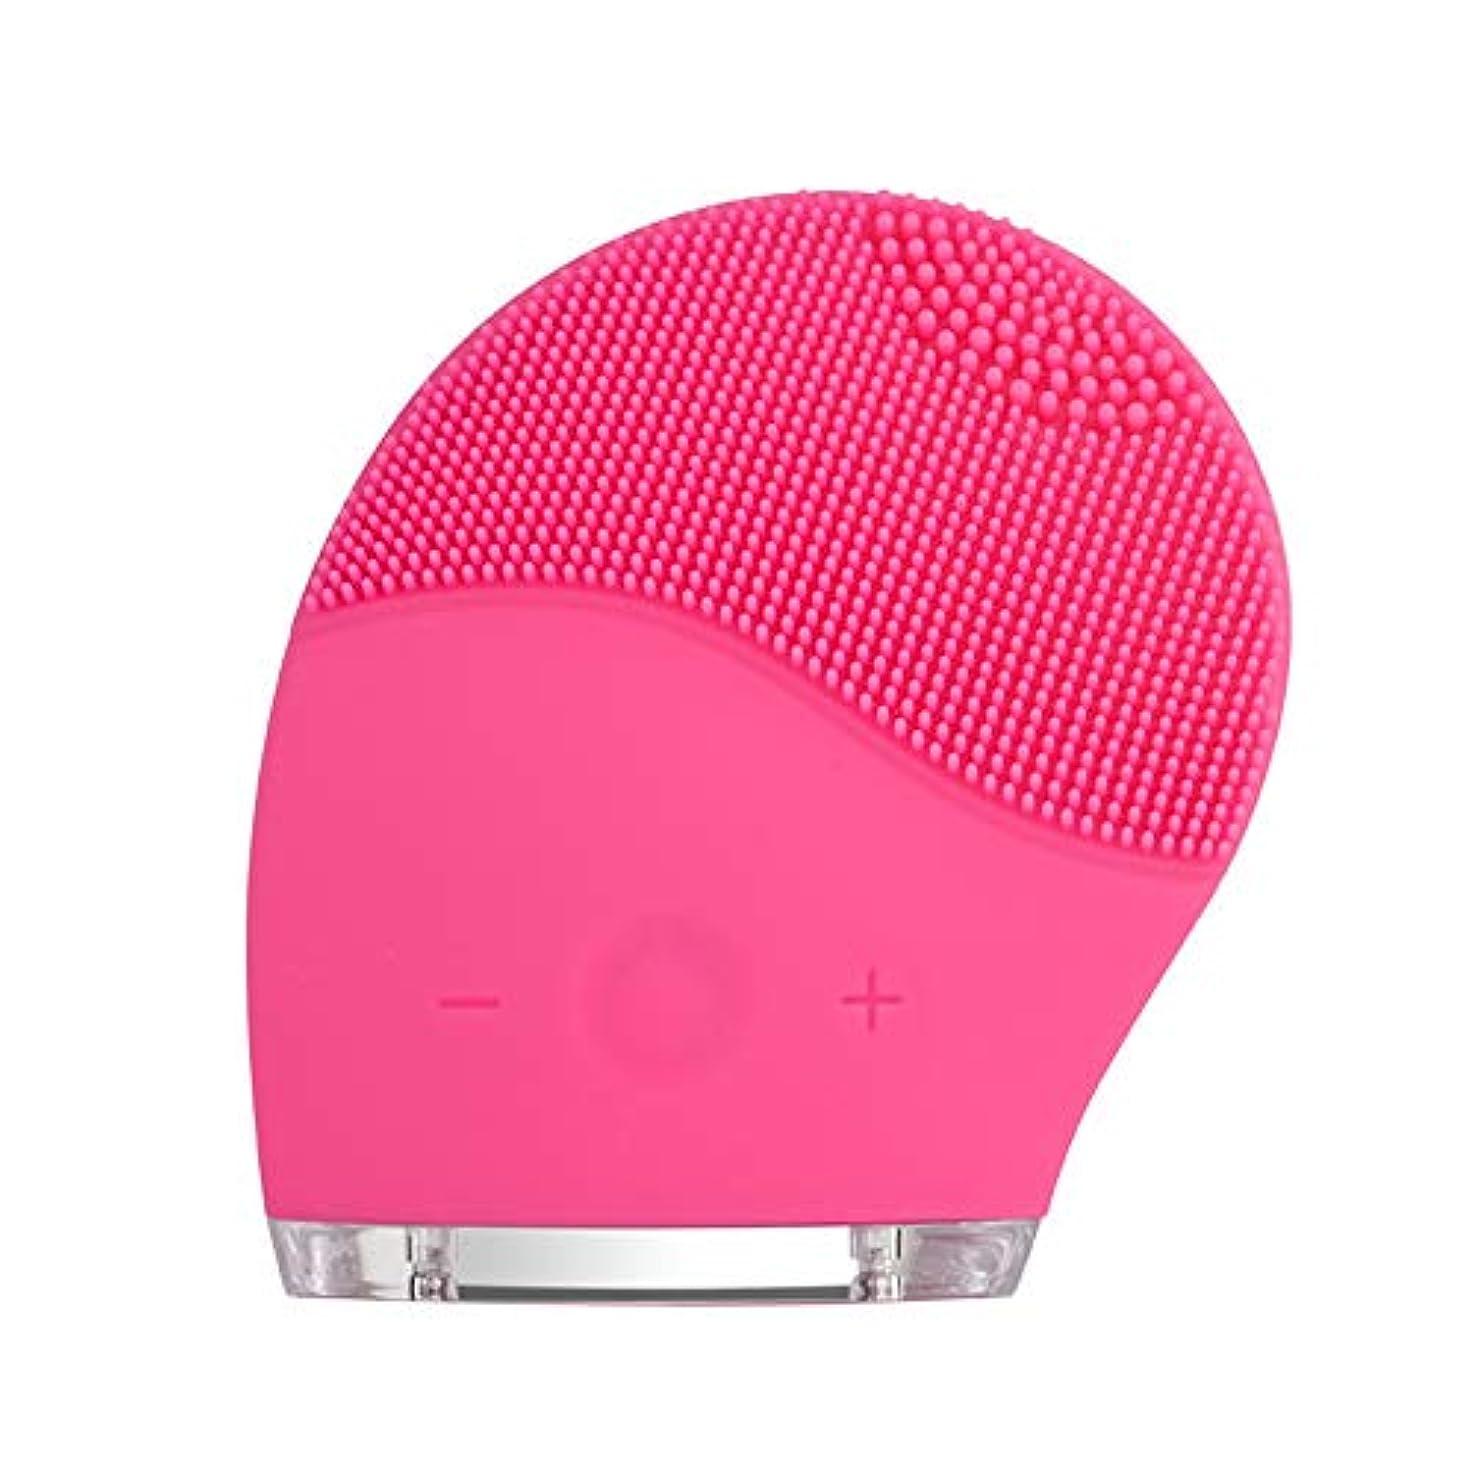 永久にジャングル絶望的なkaixi 2019最新のシリコーンクレンジング楽器洗浄ブラシ電気美容器具毛穴きれいな柔らかい髪振動充電式洗浄アーティファクト